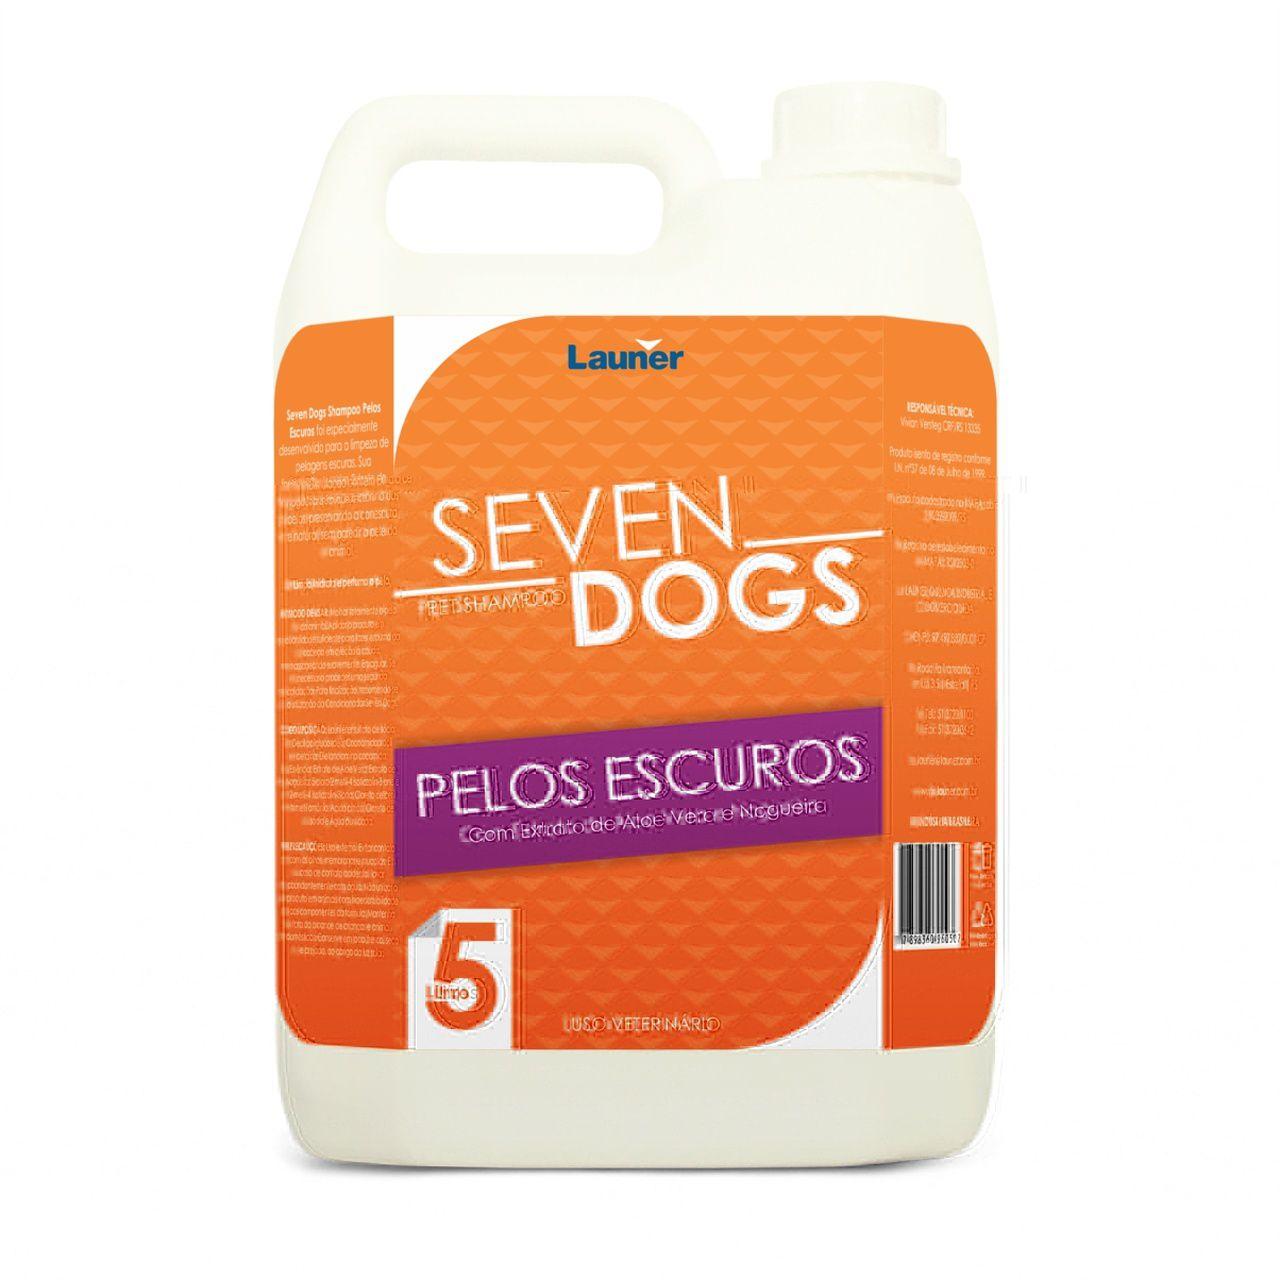 Shampoo para Cachorro Pelos Escuros Seven Dogs 5 Litros